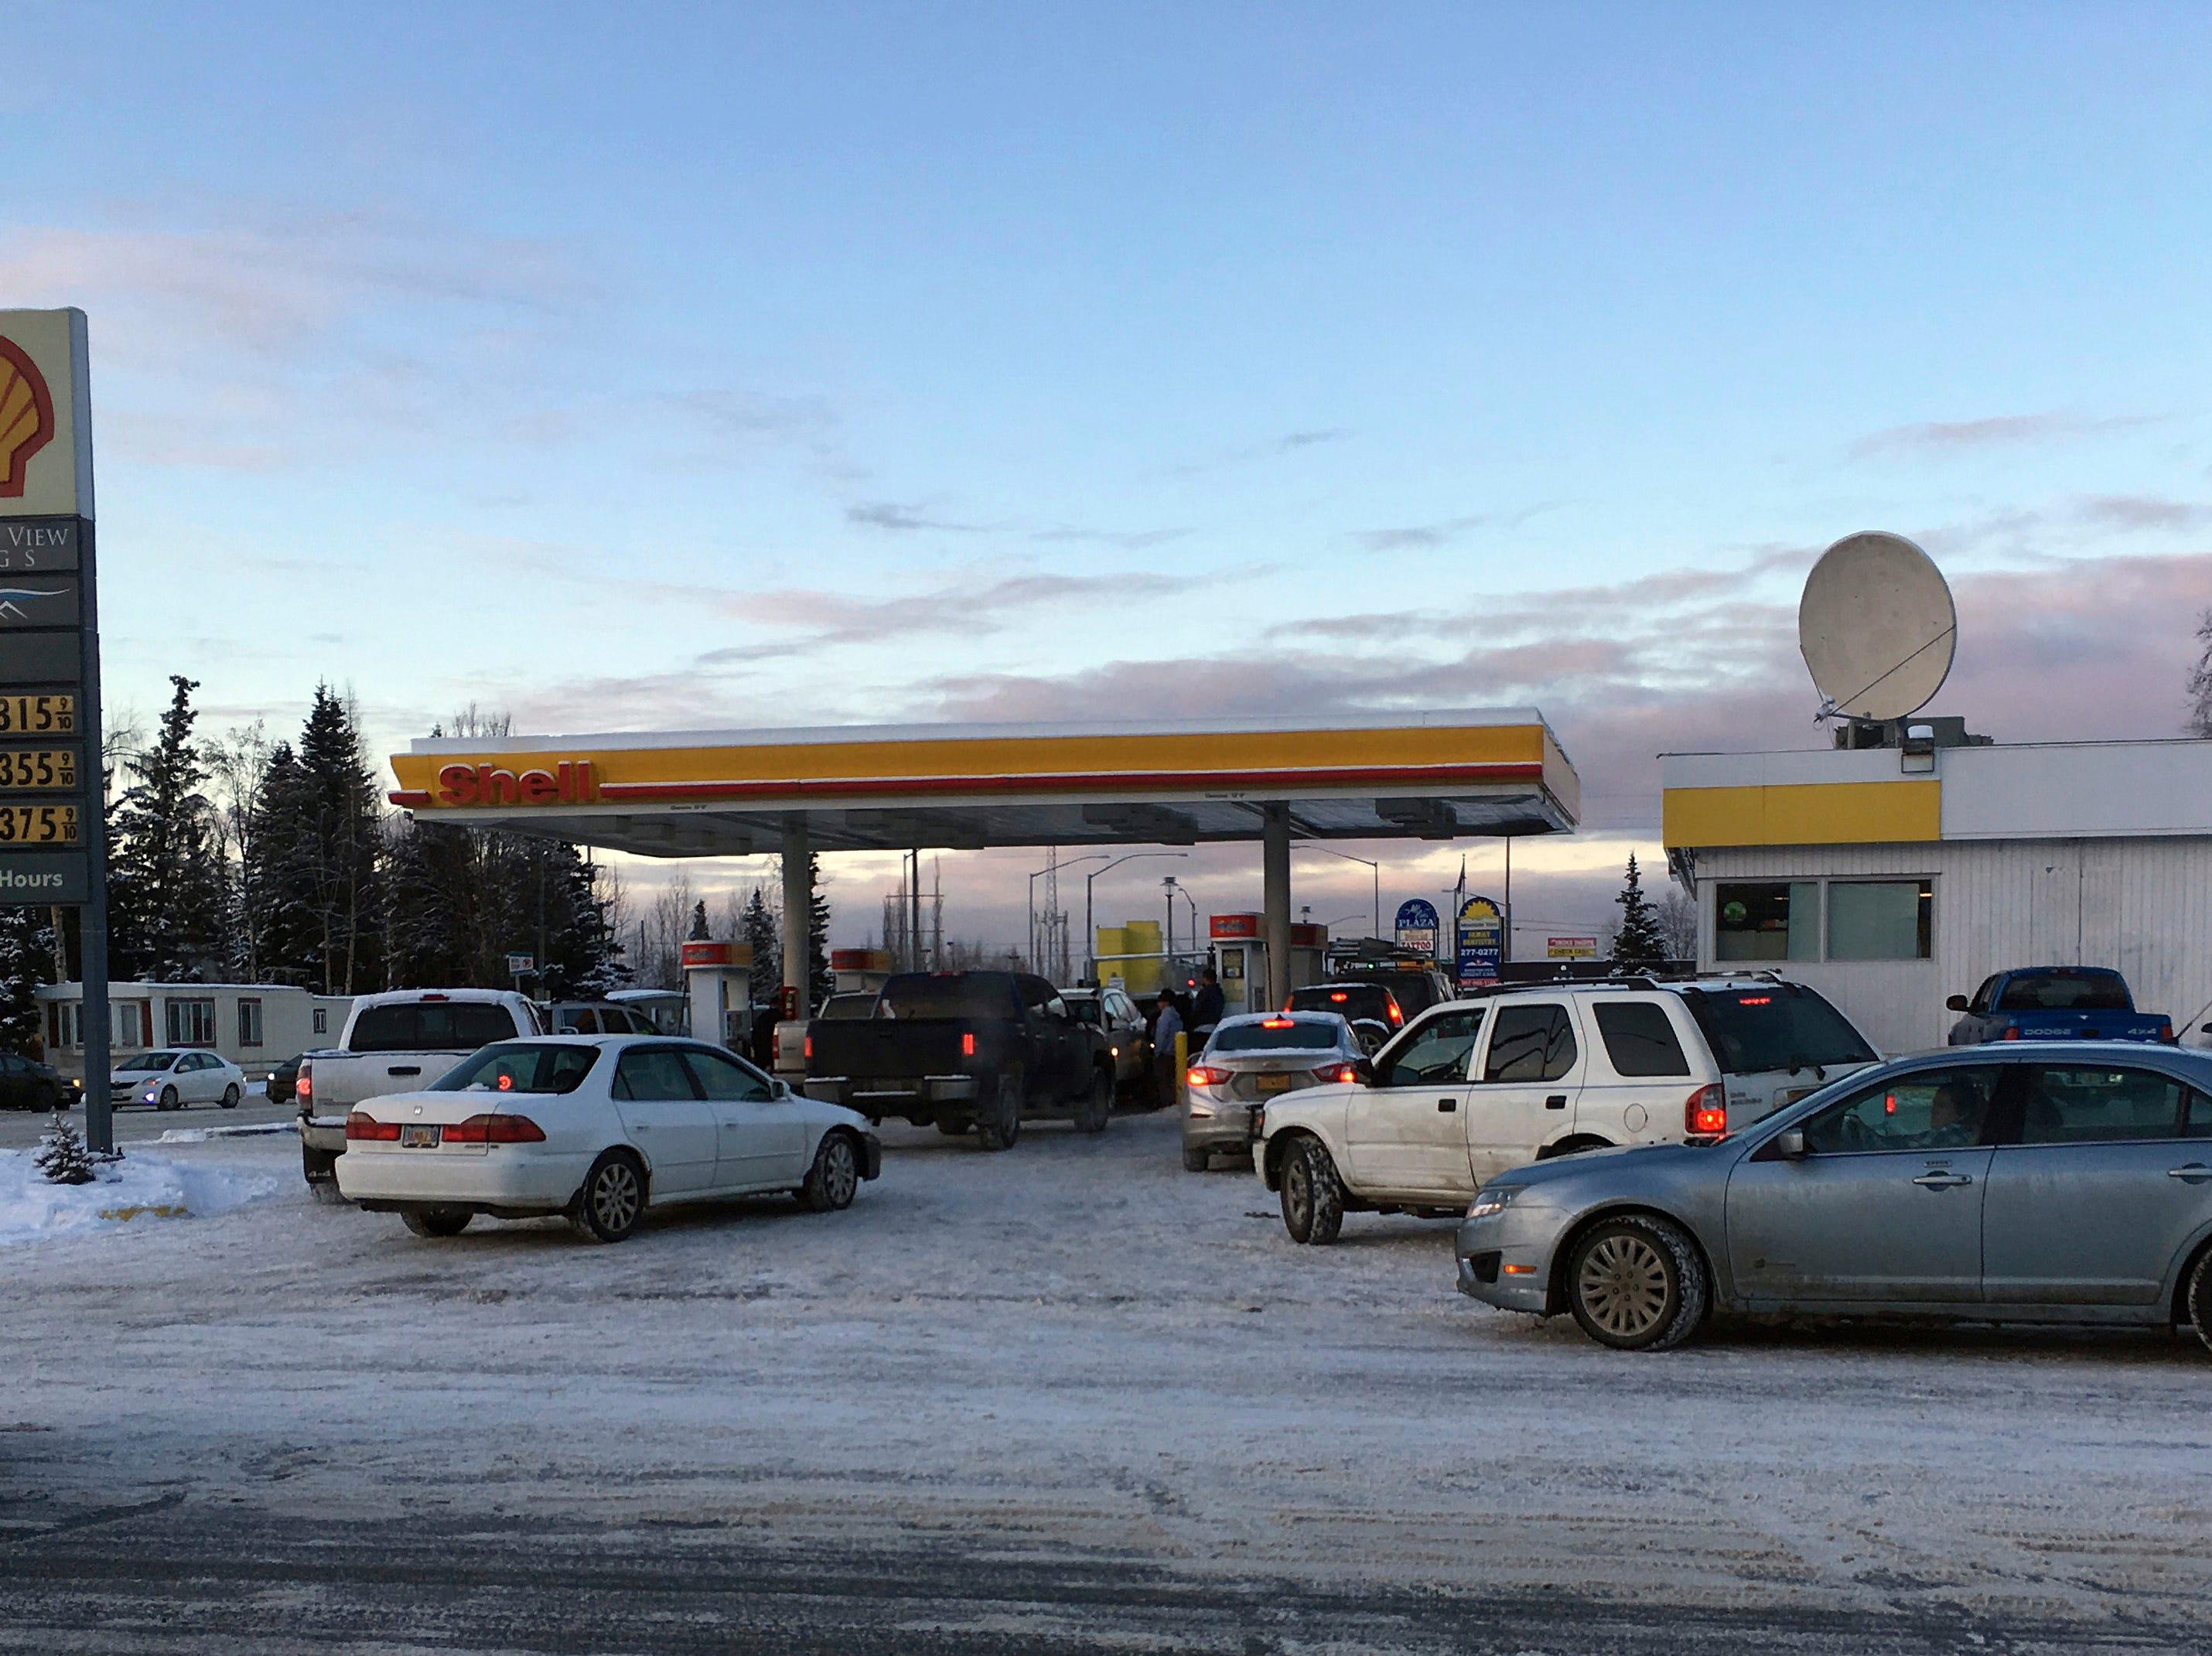 Automovilistas hacen fila para comprar gasolina en una estación abierta en Anchorage, el viernes 30 de noviembre de 2018. Los edificios y carreteras colapsadas el viernes por la mañana en Anchorage, por los terremotos consecutivos de 7.0 y 5.8, incitan a la gente a huir o buscar refugio debajo de los escritorios de sus oficinas , mientras que una alerta de tsunami hizo que algunos buscarán un lugar más alto.  Dan Joling, AP